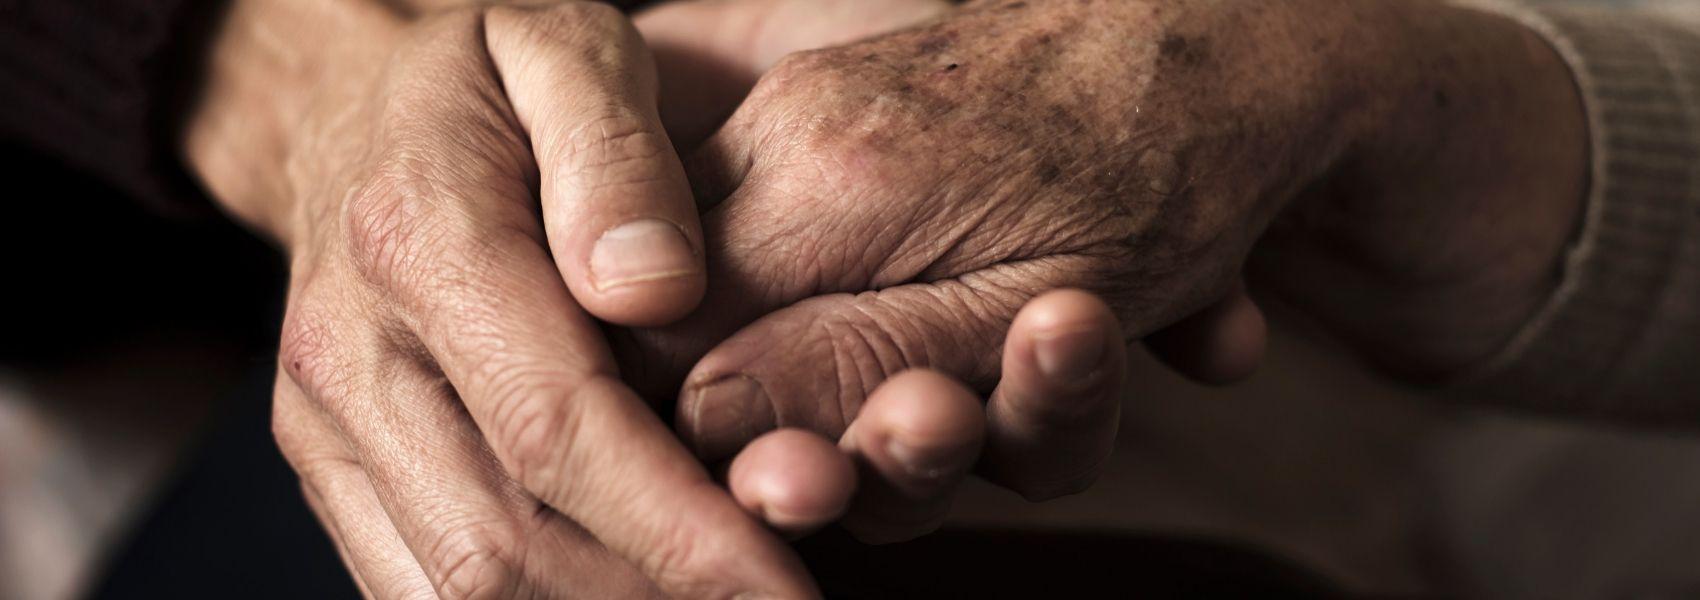 Perda auditiva associada a doenças mentais, físicas e sociais em idosos